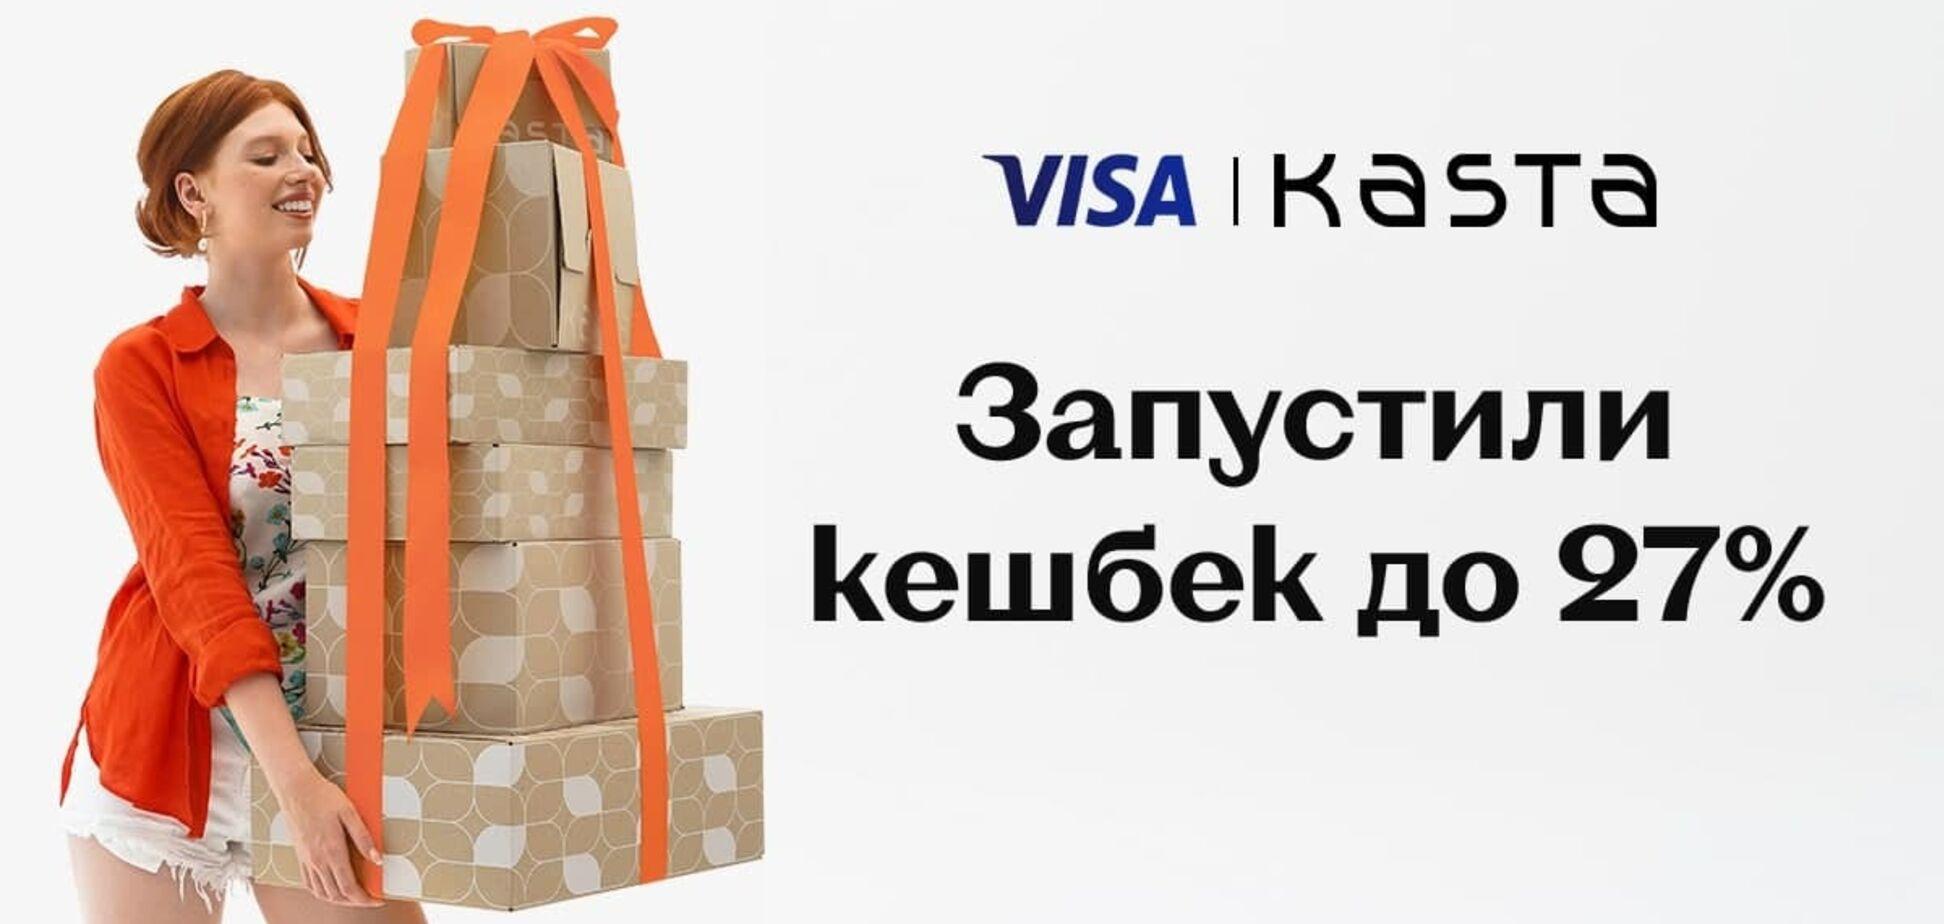 11 років на ринку: Kasta святкує день народження і влаштовує масштабний літній розпродаж